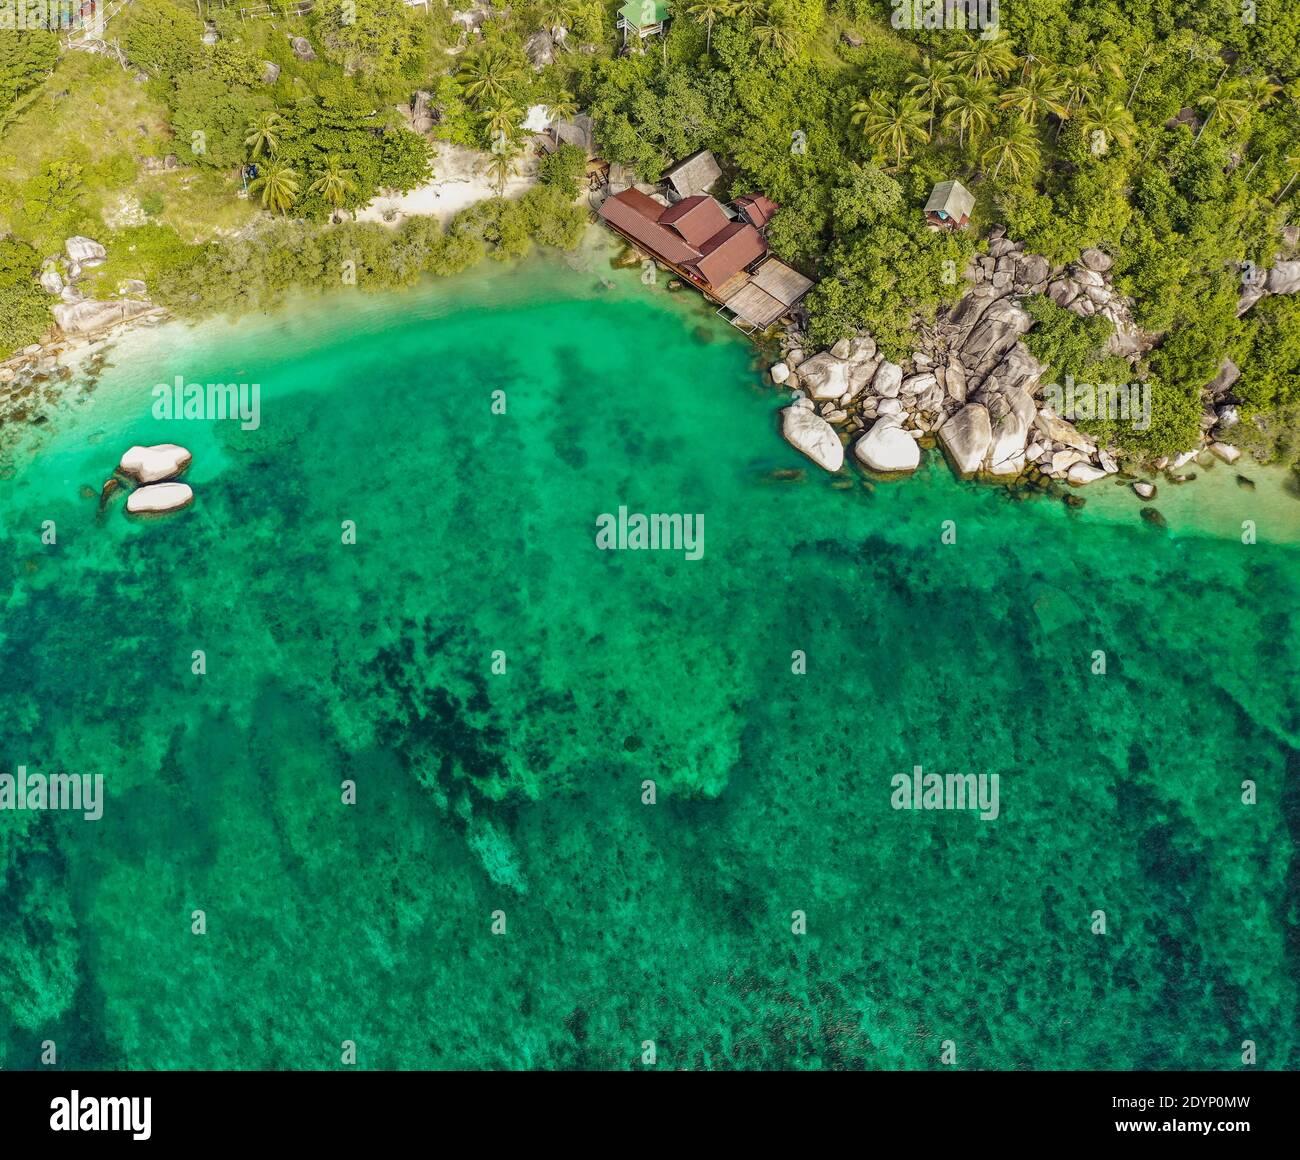 Vista aerea di Koh Tao, provincia di Samui, Thailandia, Sud-est asiatico Foto Stock